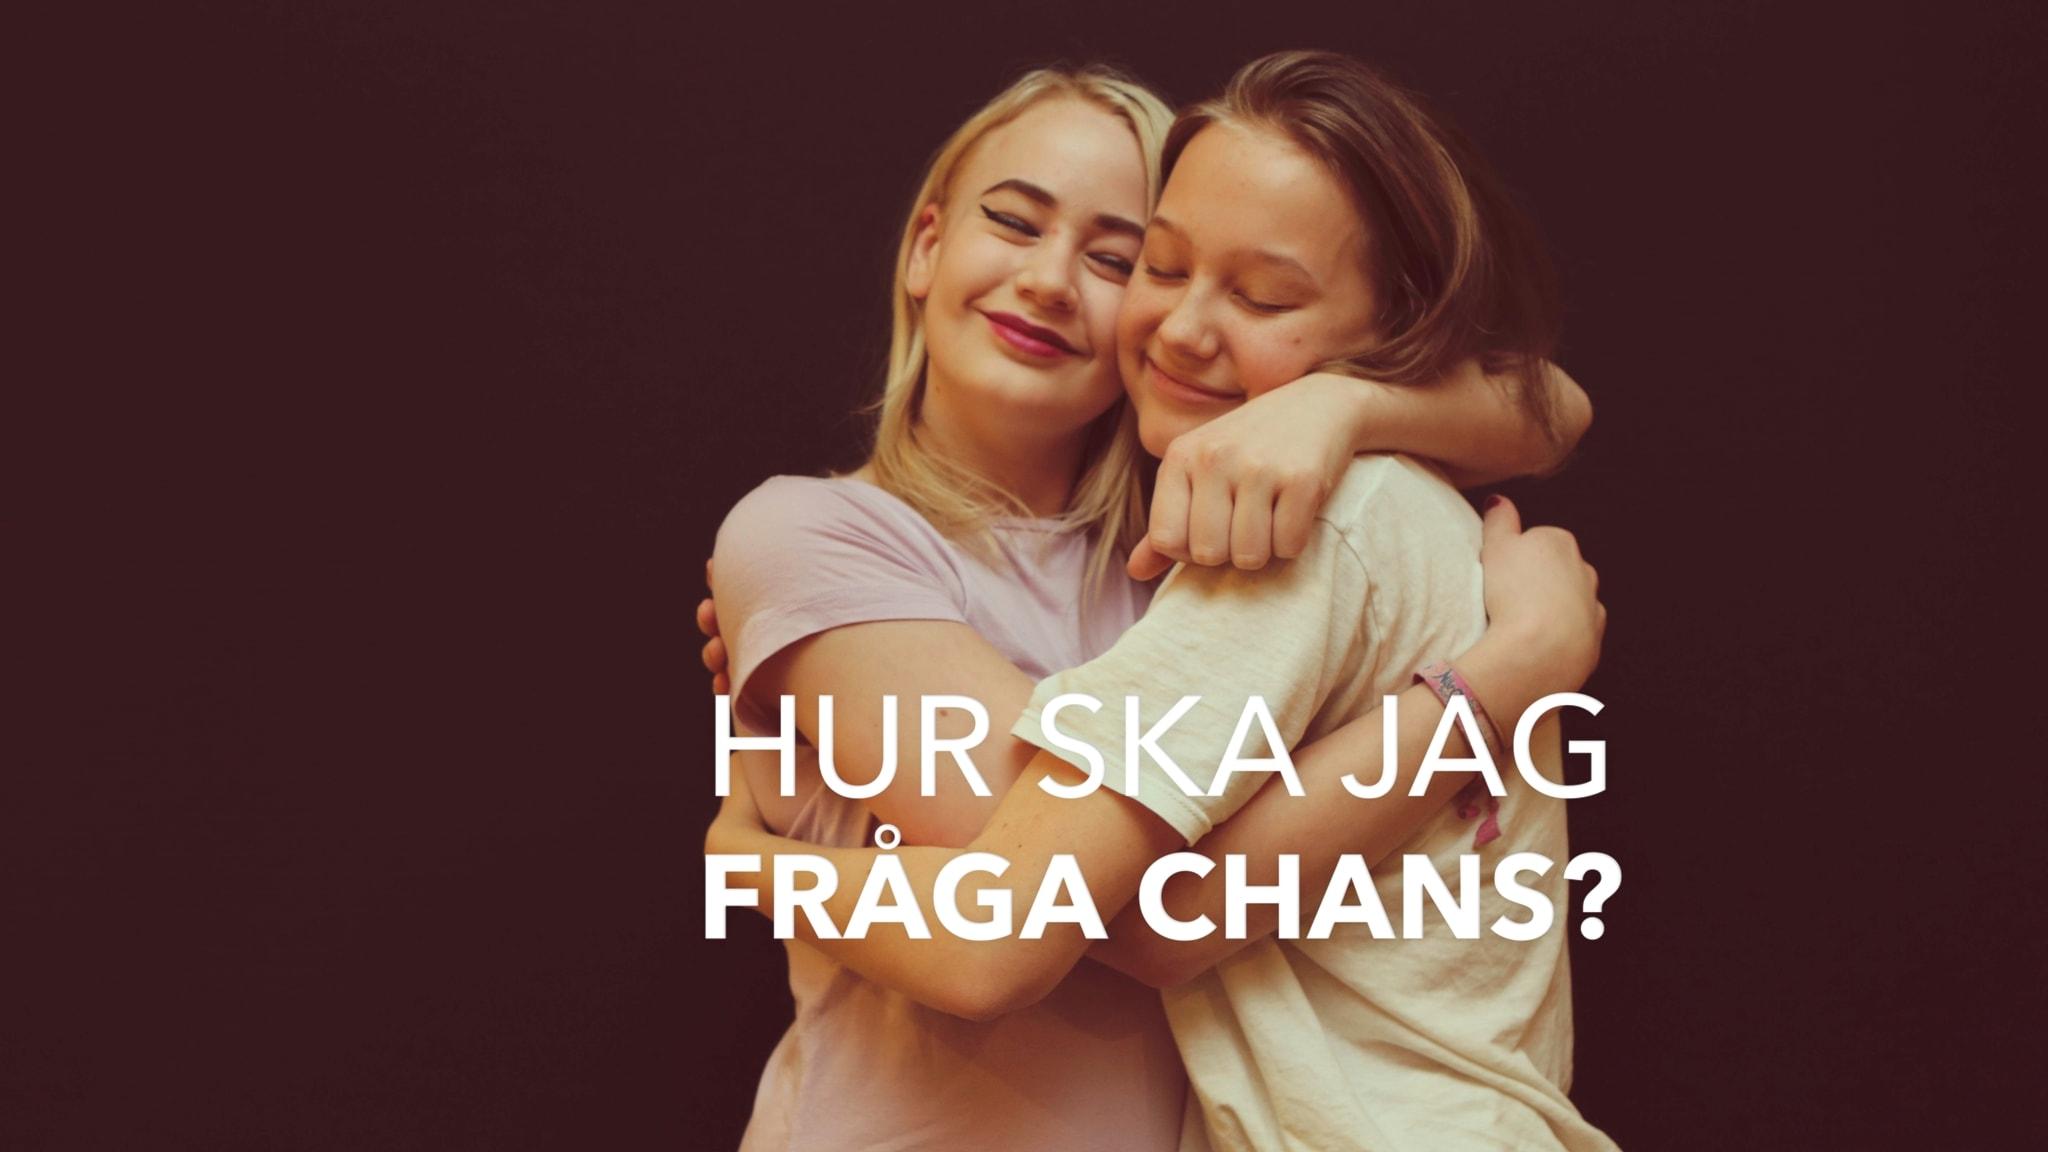 VÅGA FRÅGA?